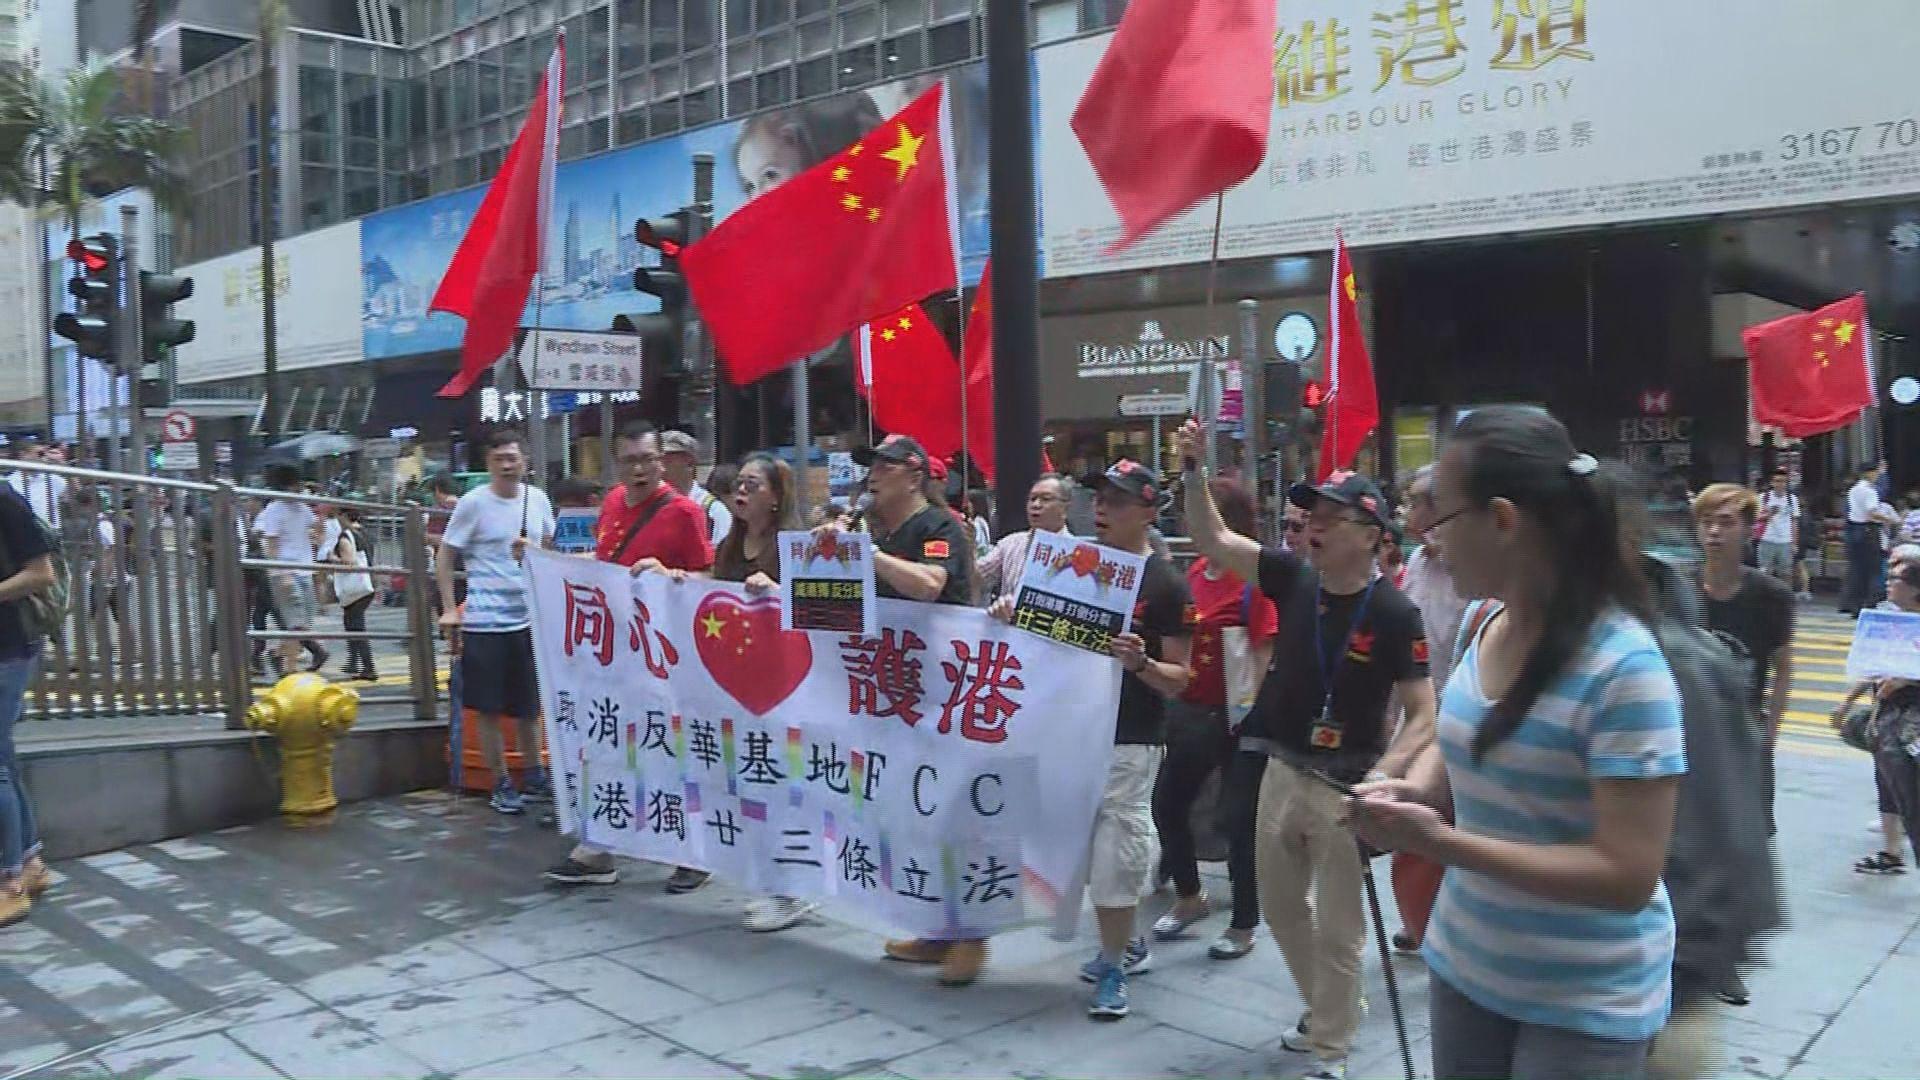 多個團體到外國記者會示威抗議陳浩天演講